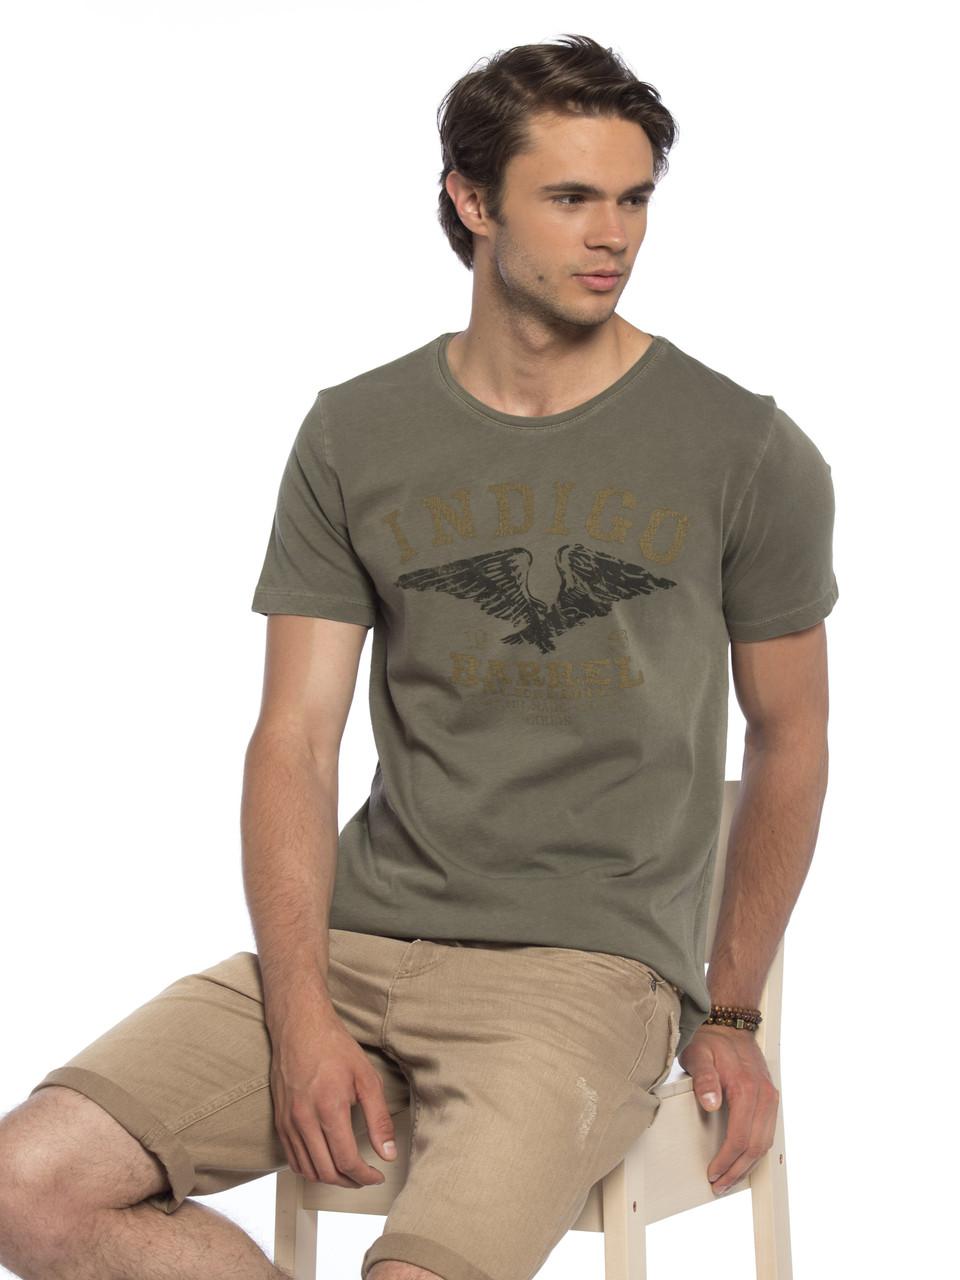 Чоловіча футболка Lc Waikiki / Лз Вайкікі кольору хакі з написом Indigo